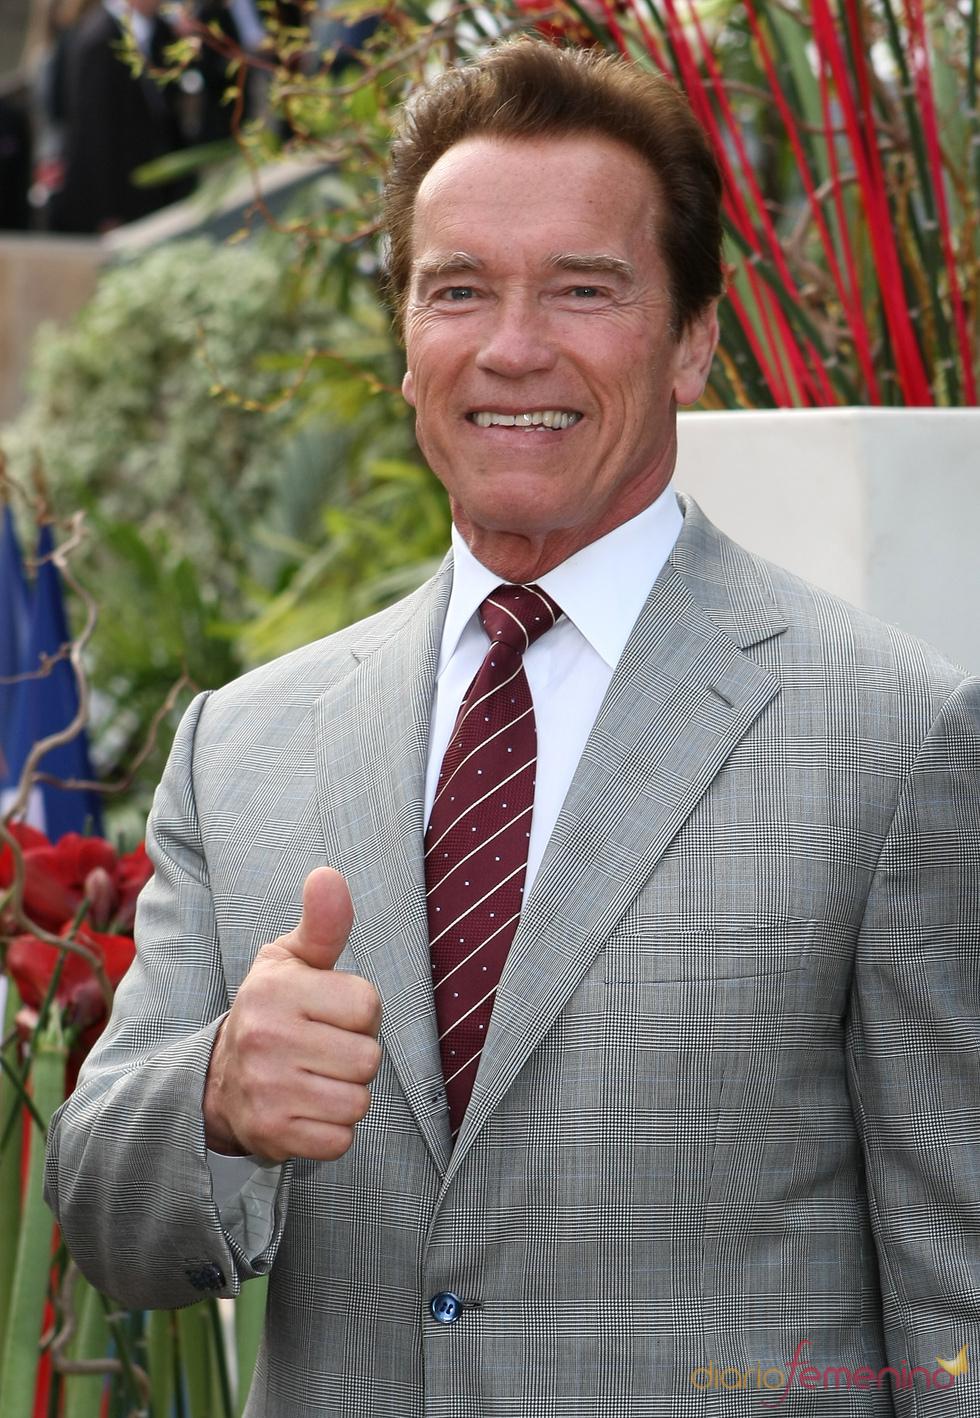 El hijo secreto de Arnold Schwarzenegger quiere tener una relación con él